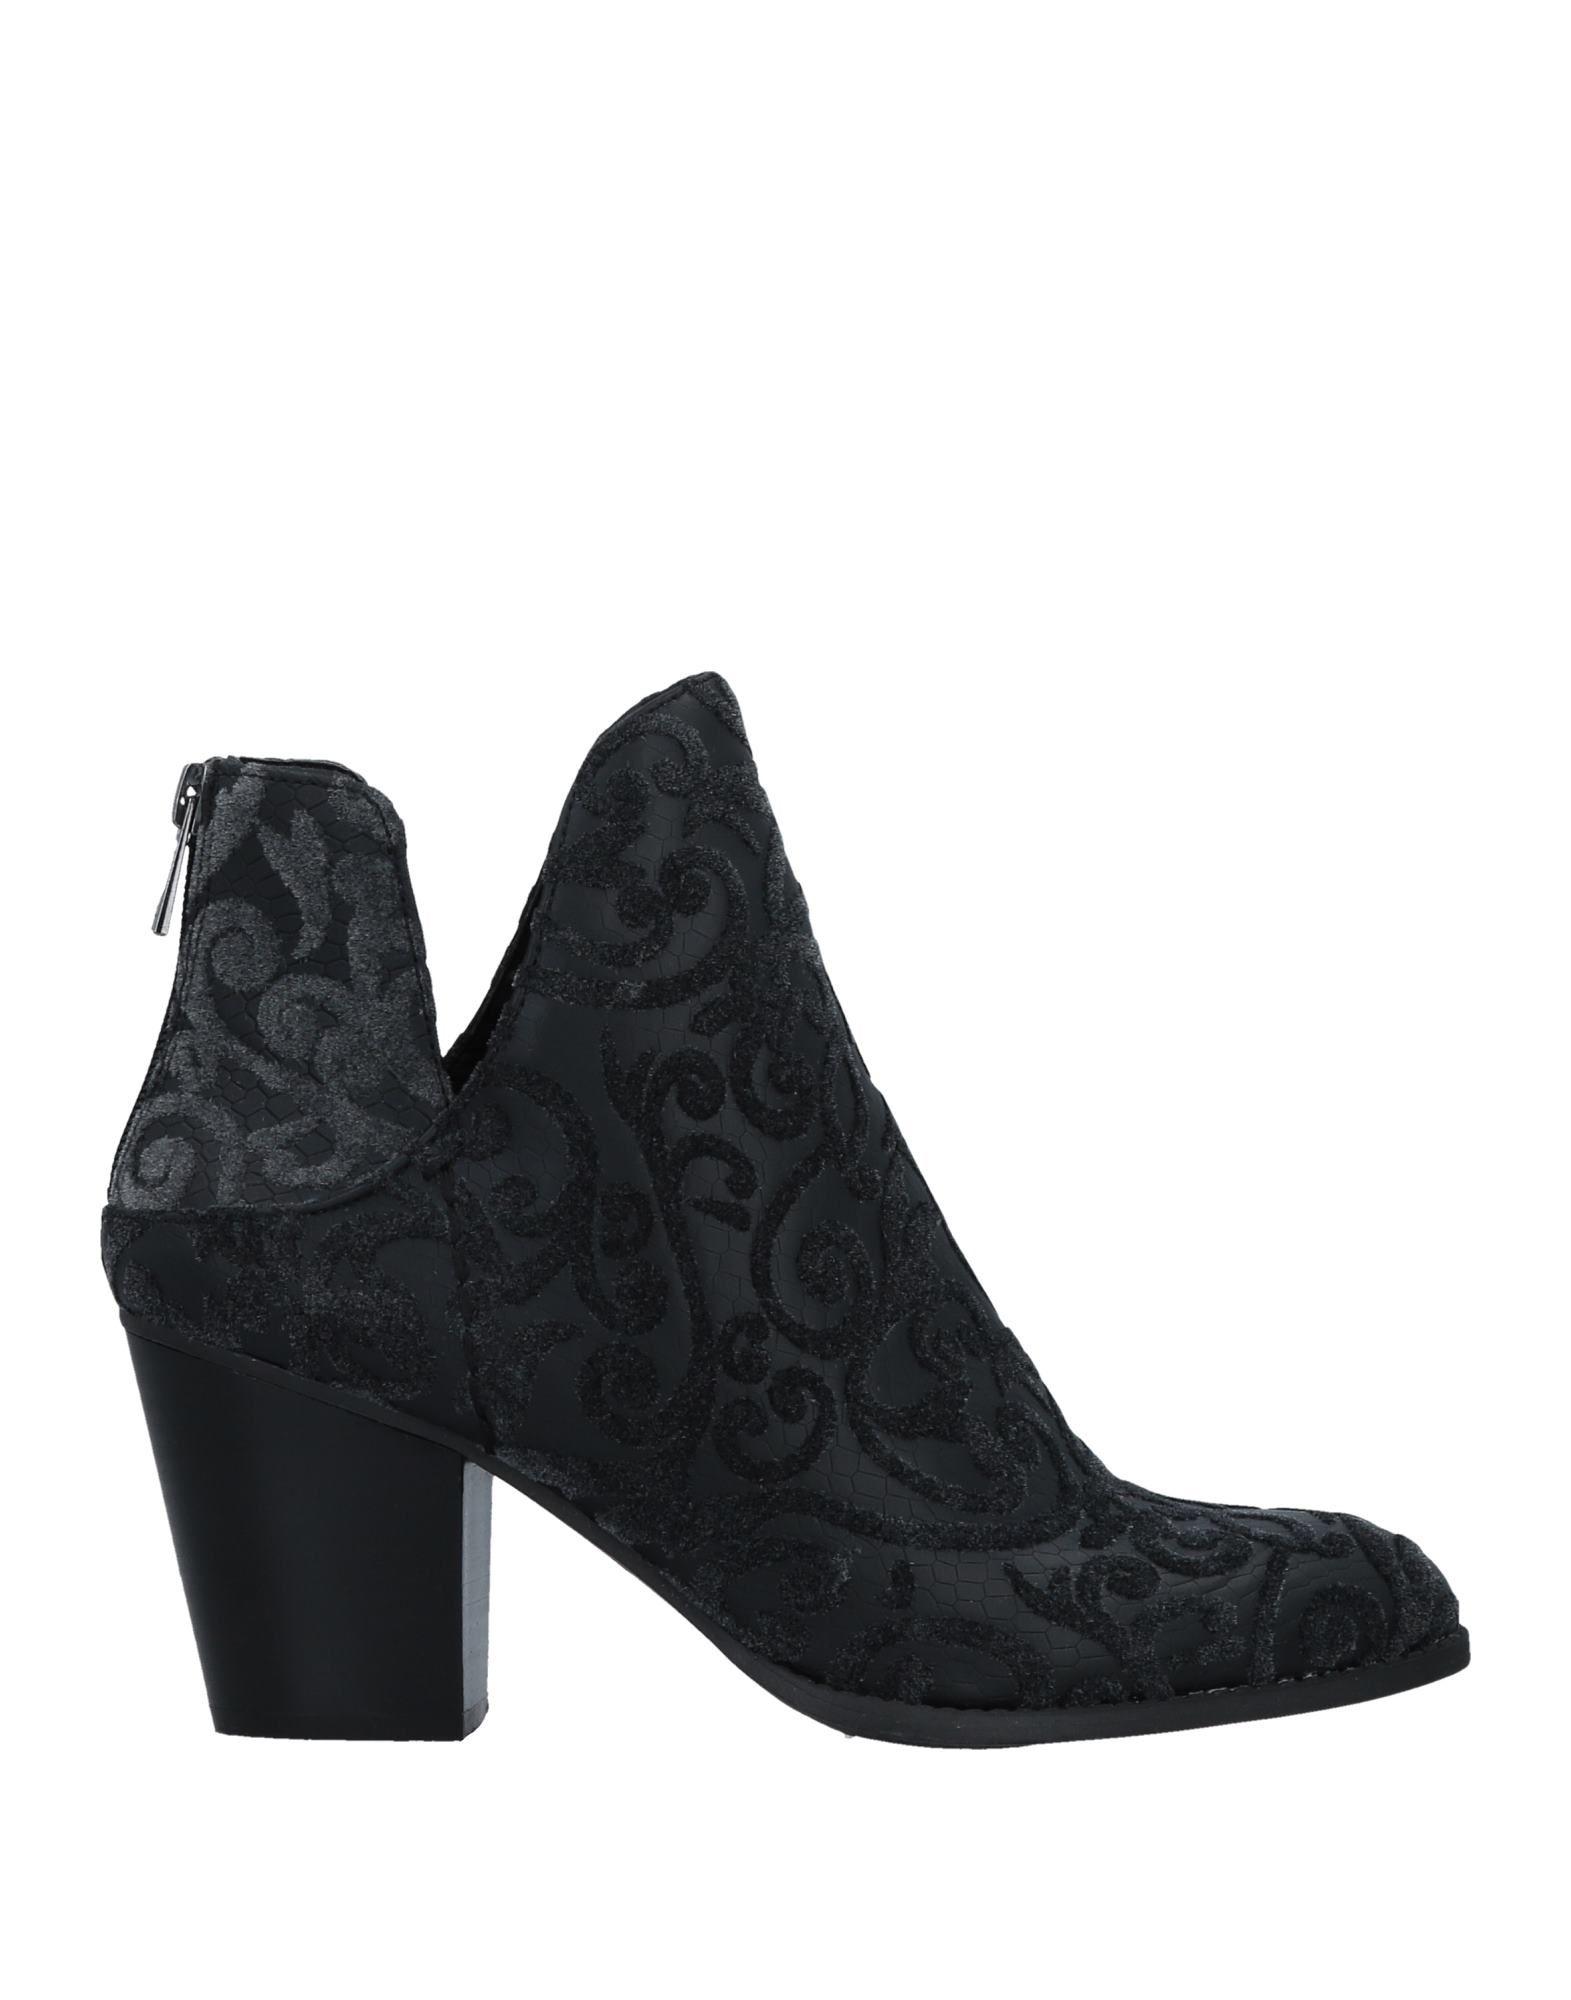 Jessica  Simpson Stiefelette Damen  Jessica 11509664VP Gute Qualität beliebte Schuhe 8e3eff